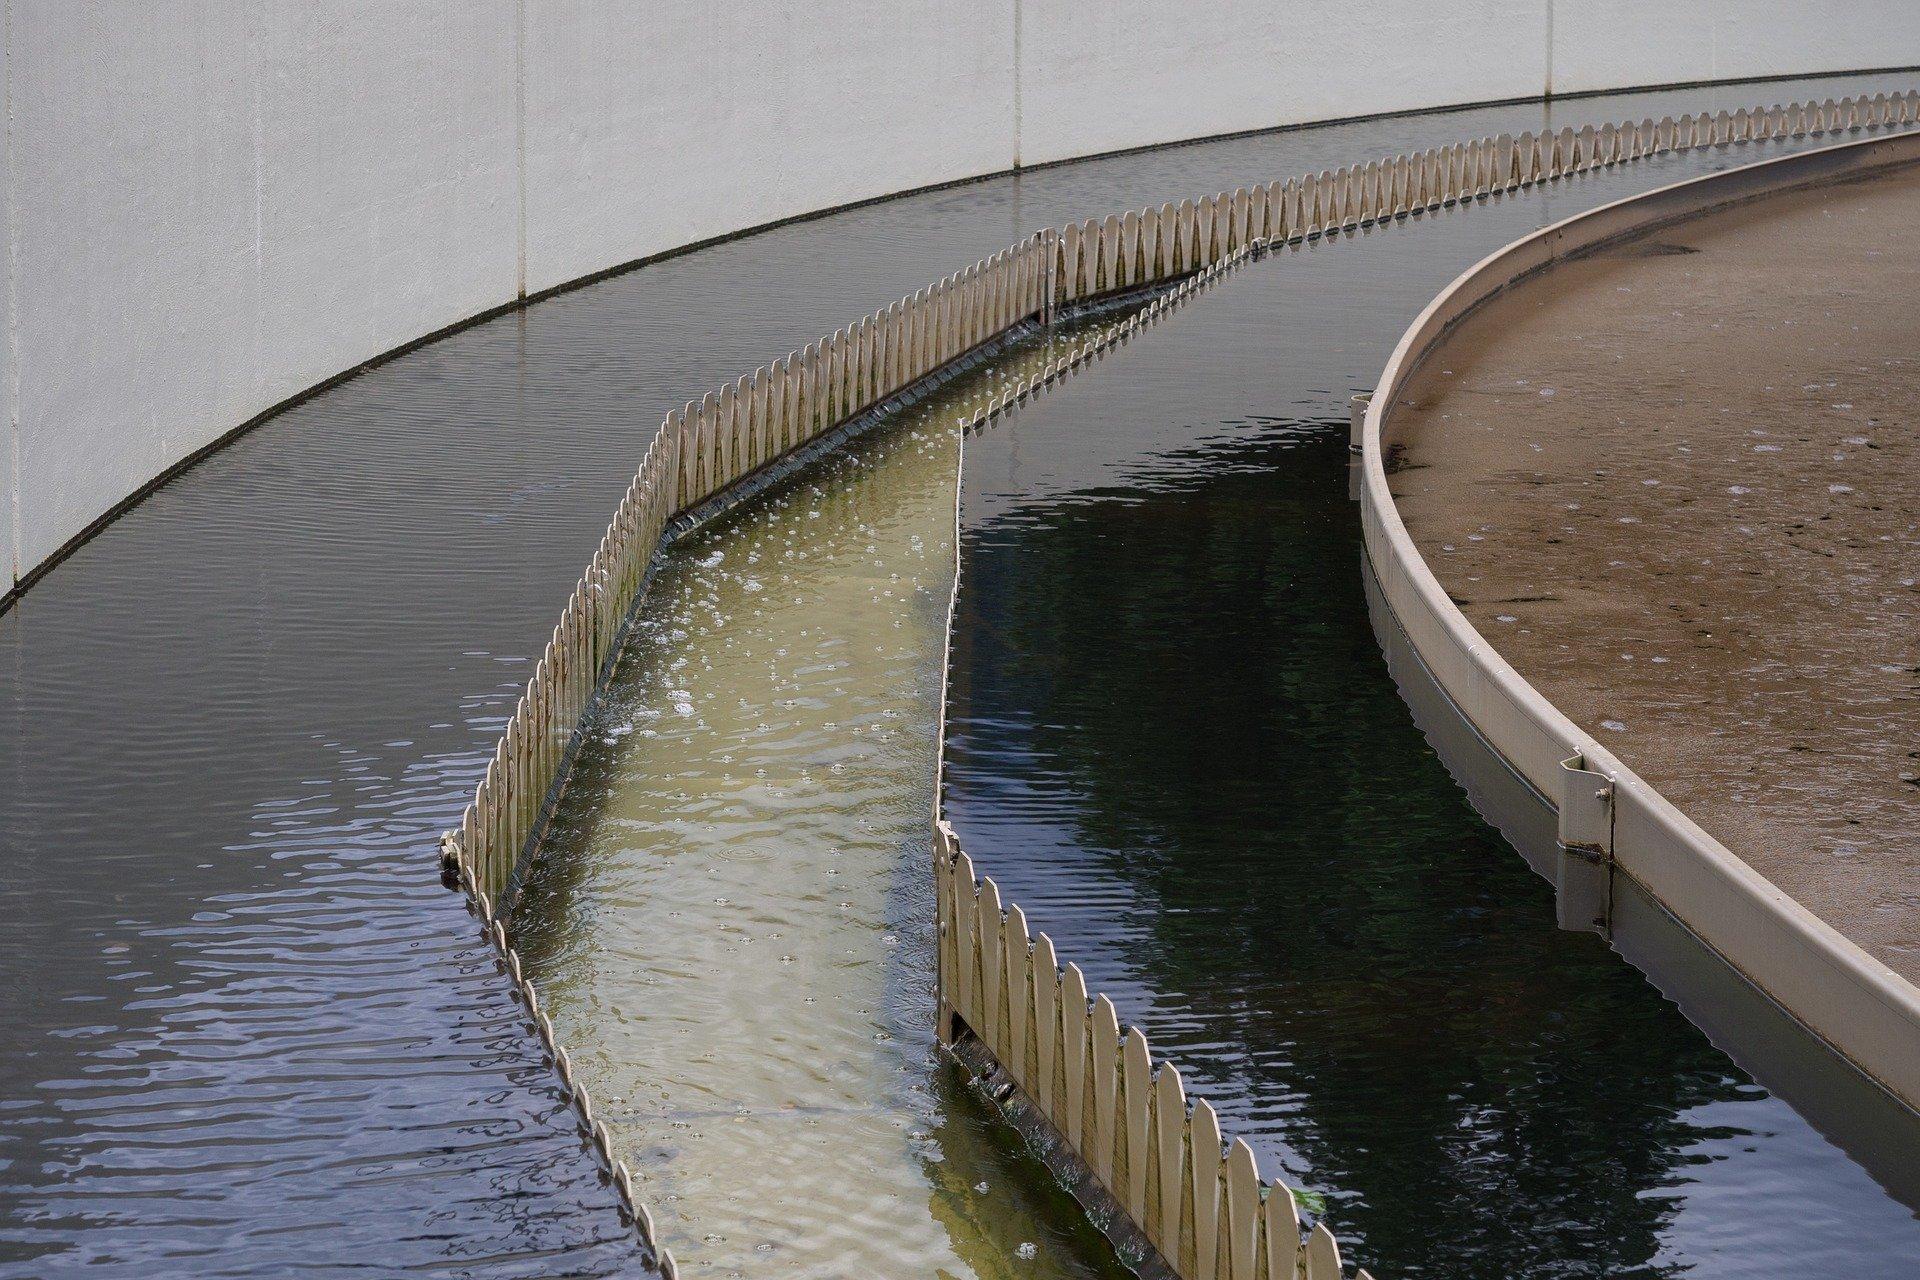 Traitement des eaux dans une station d'épuration